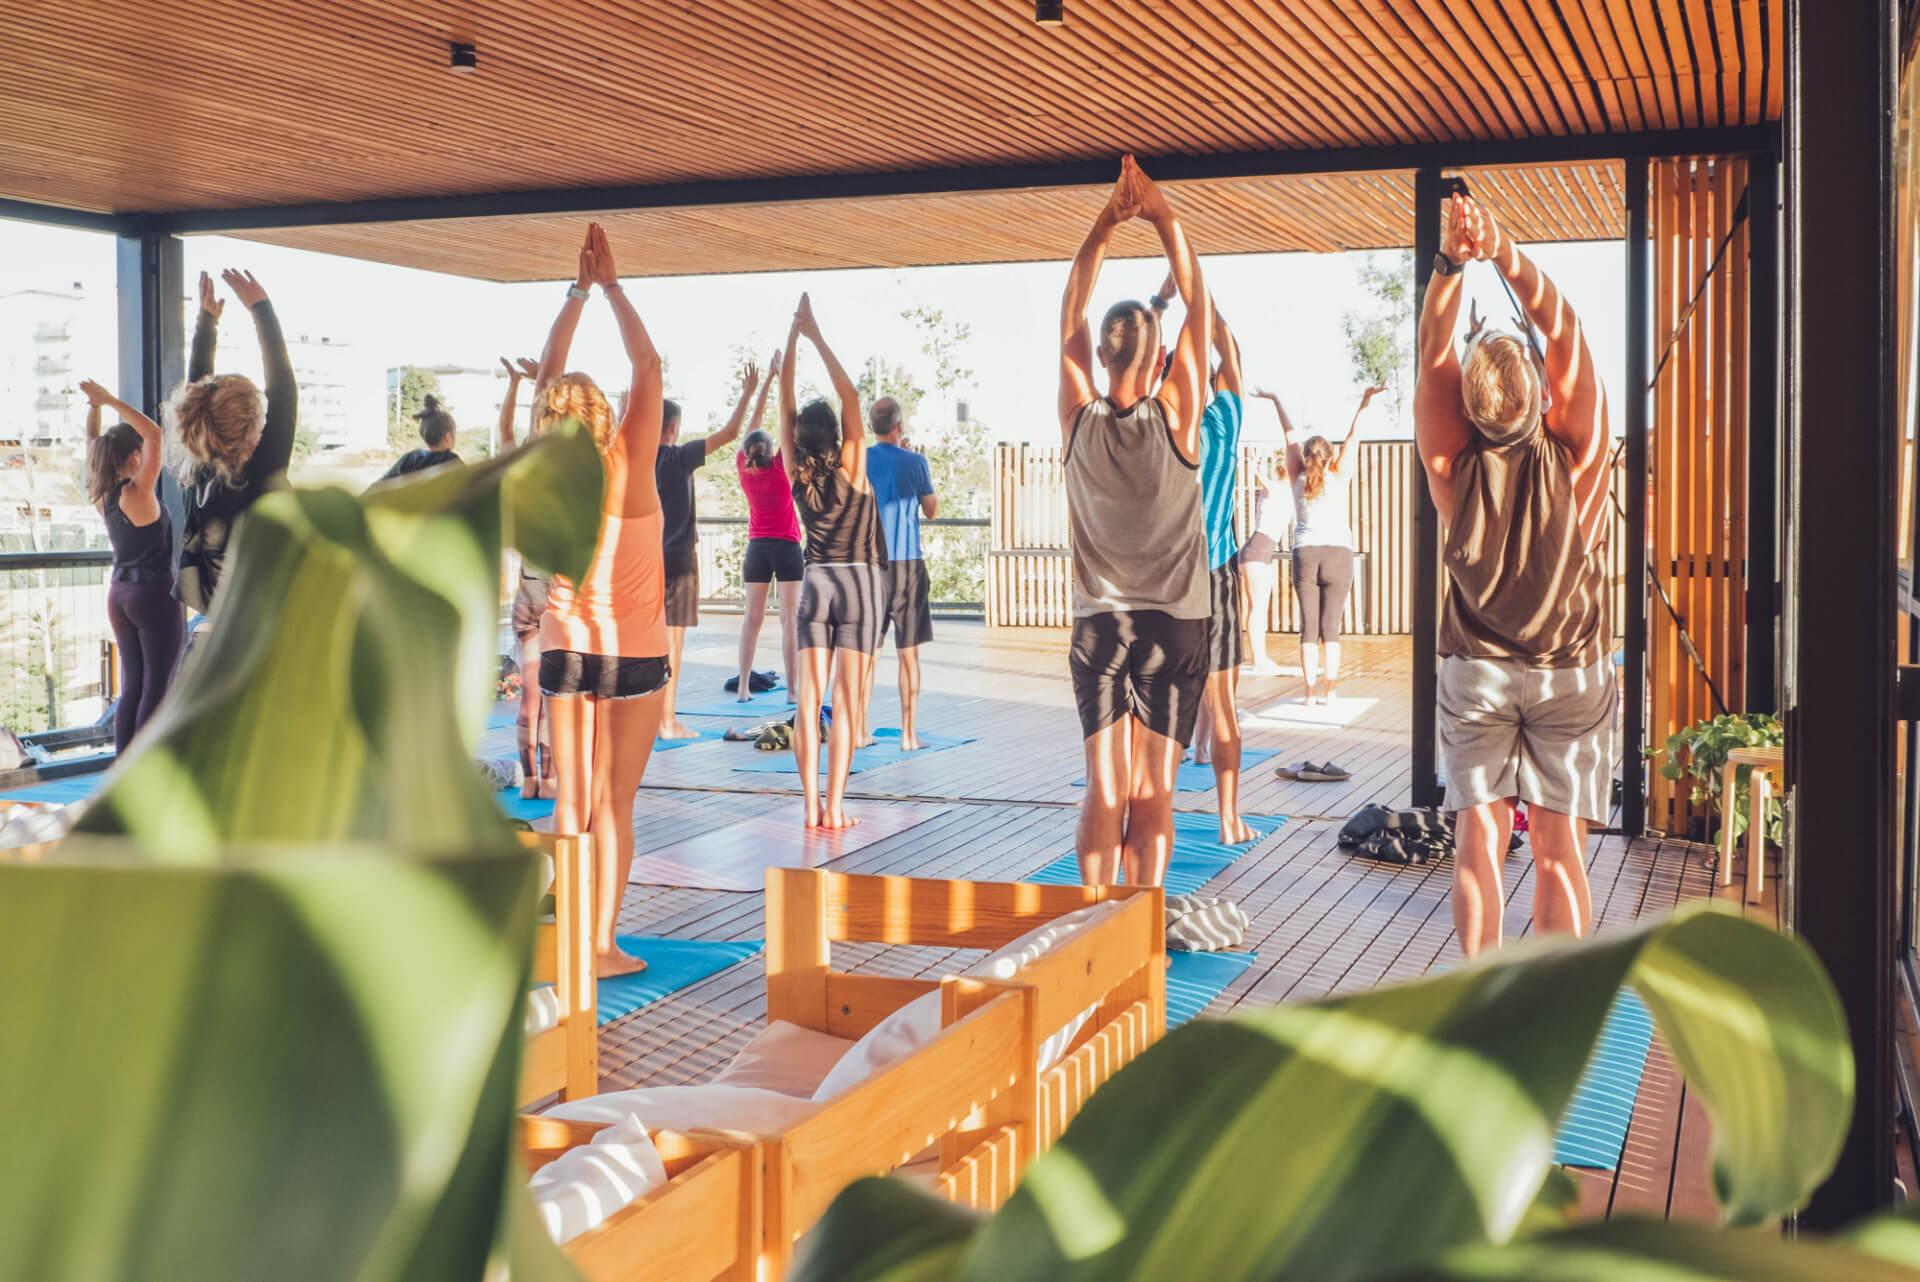 cursos de yoga en Moana Surf House País Vasco Bizkaia